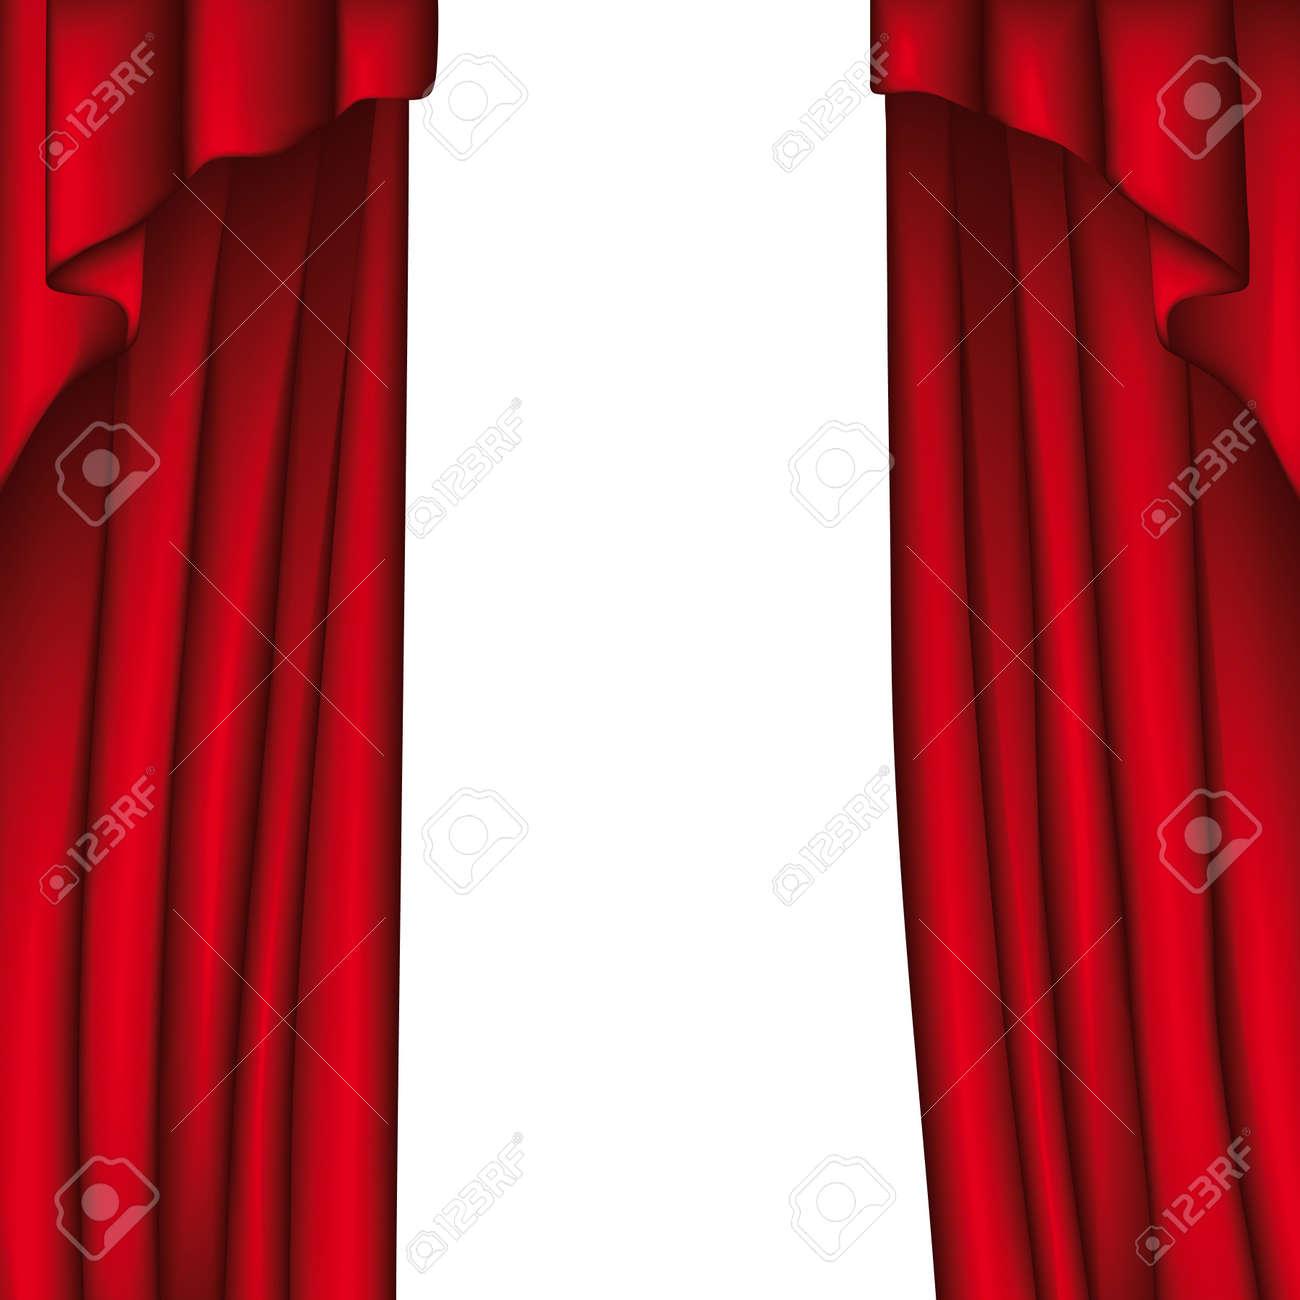 Curtain Stock Vector - 10736958